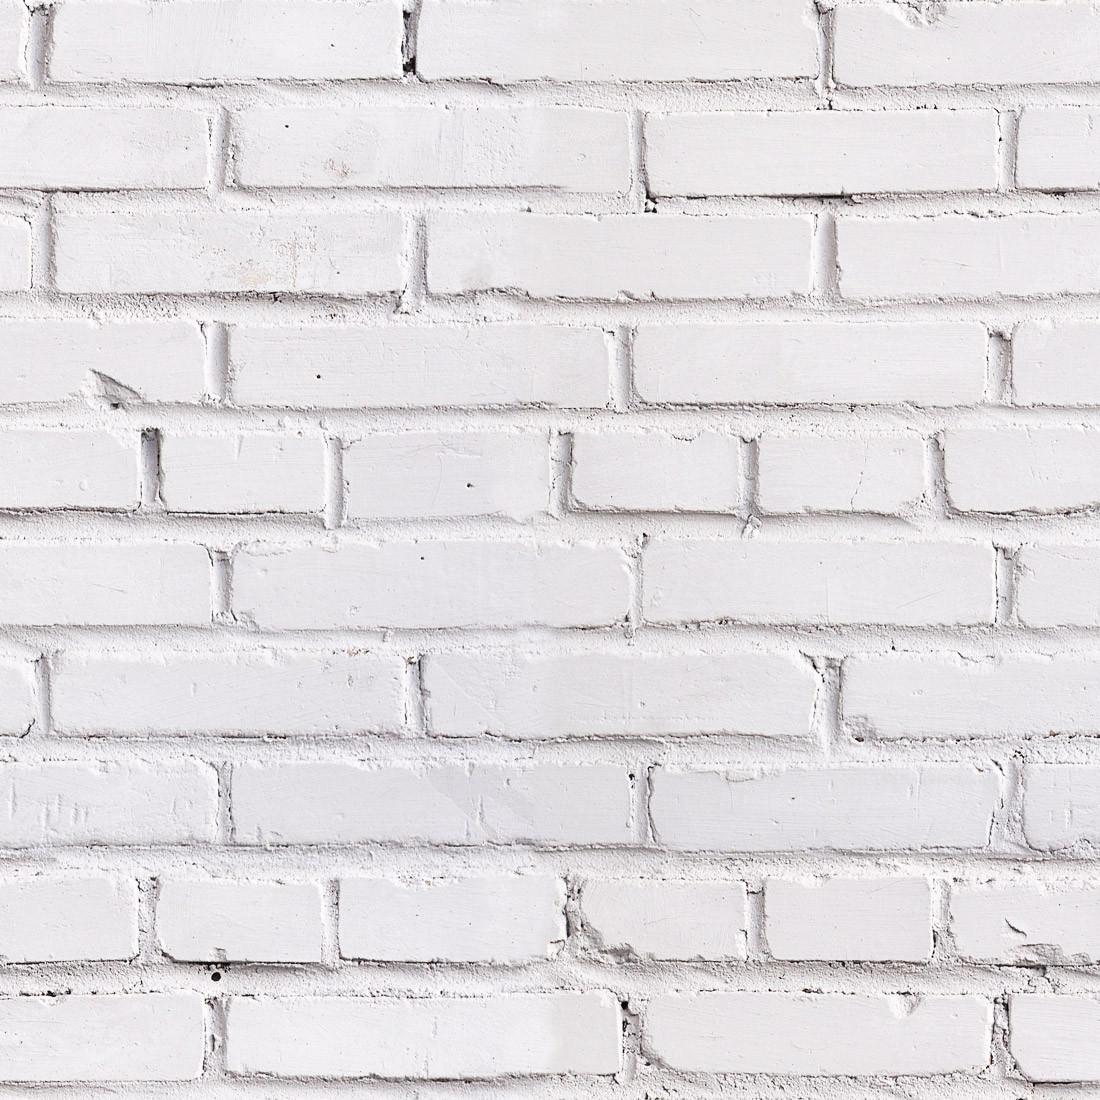 Papel de Parede Adesivo branco com Tijolos